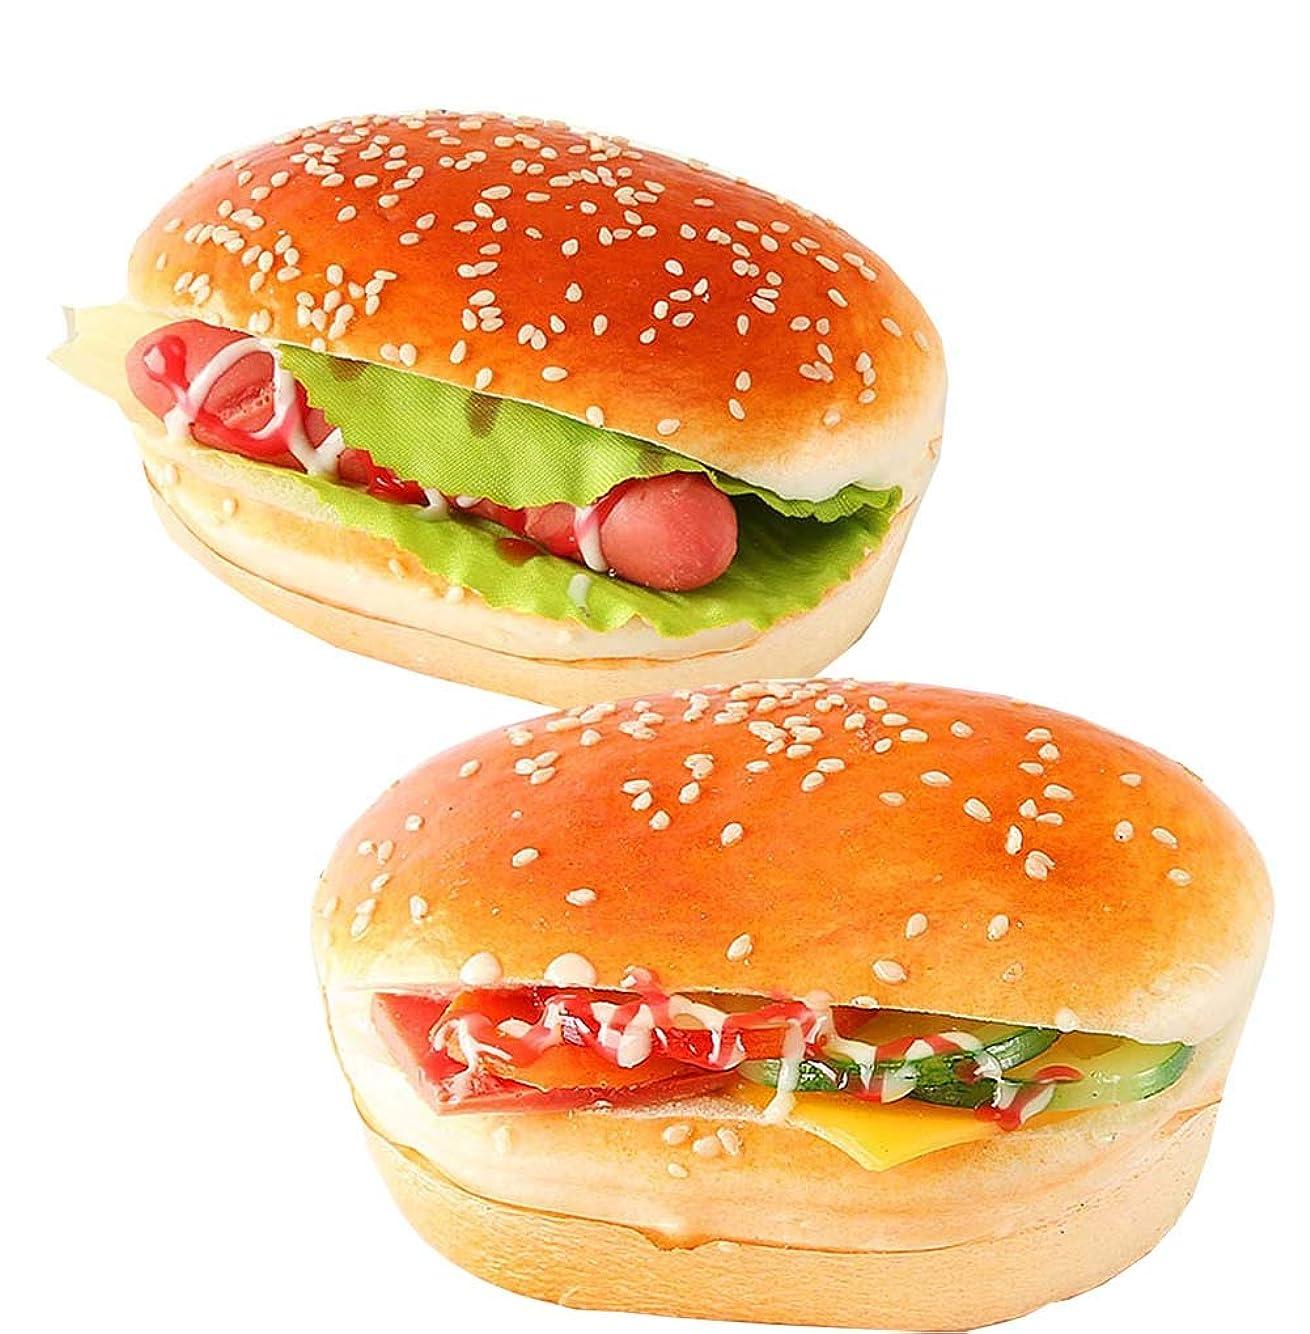 資料バレーボール不承認人工パン、フェイクパンシミュレーション食品モデルキッチンプロップ、ハンバーガー、8.1Inch、2個